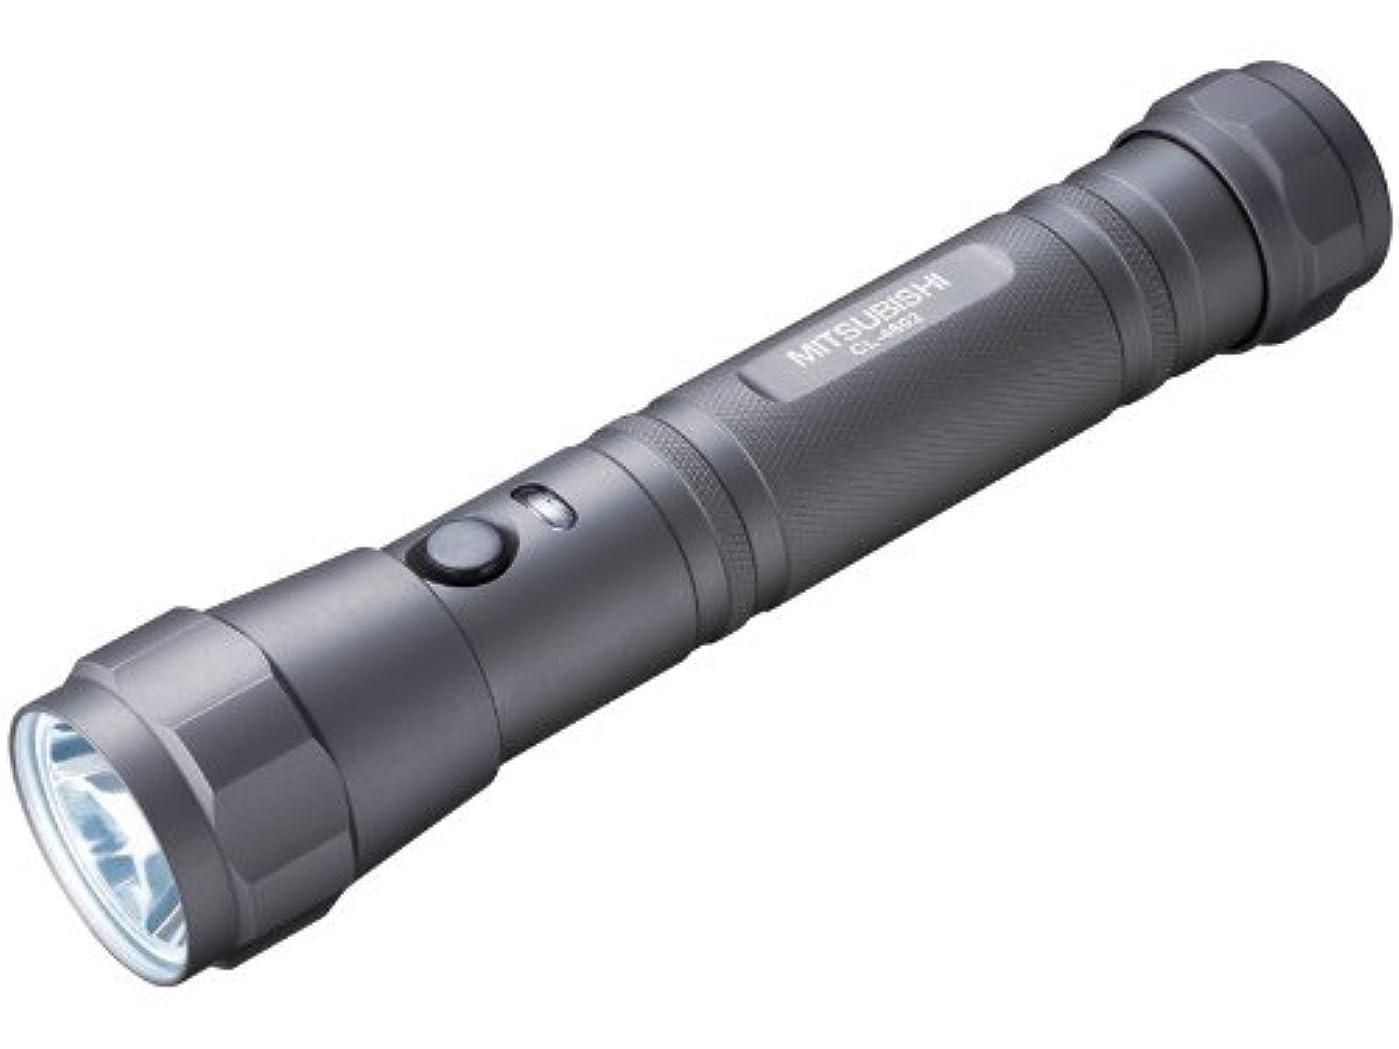 絶対のハントバー三菱電機 LED 5W フラッシュライト CL-4602